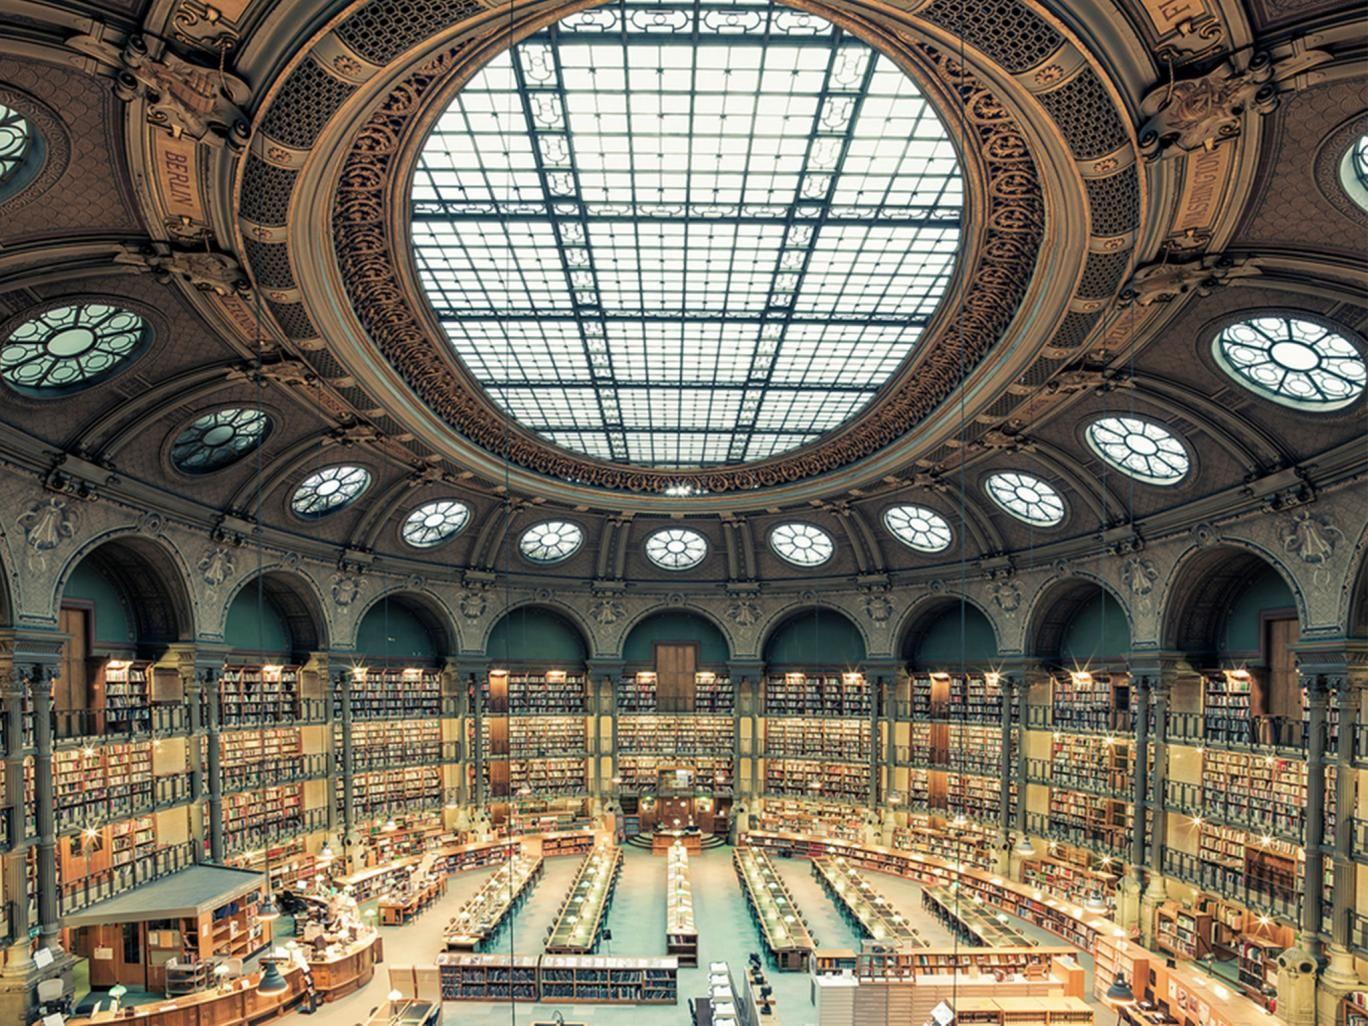 словосочетание национальная библиотека франции внутри фото плюс глянцевая гладкая